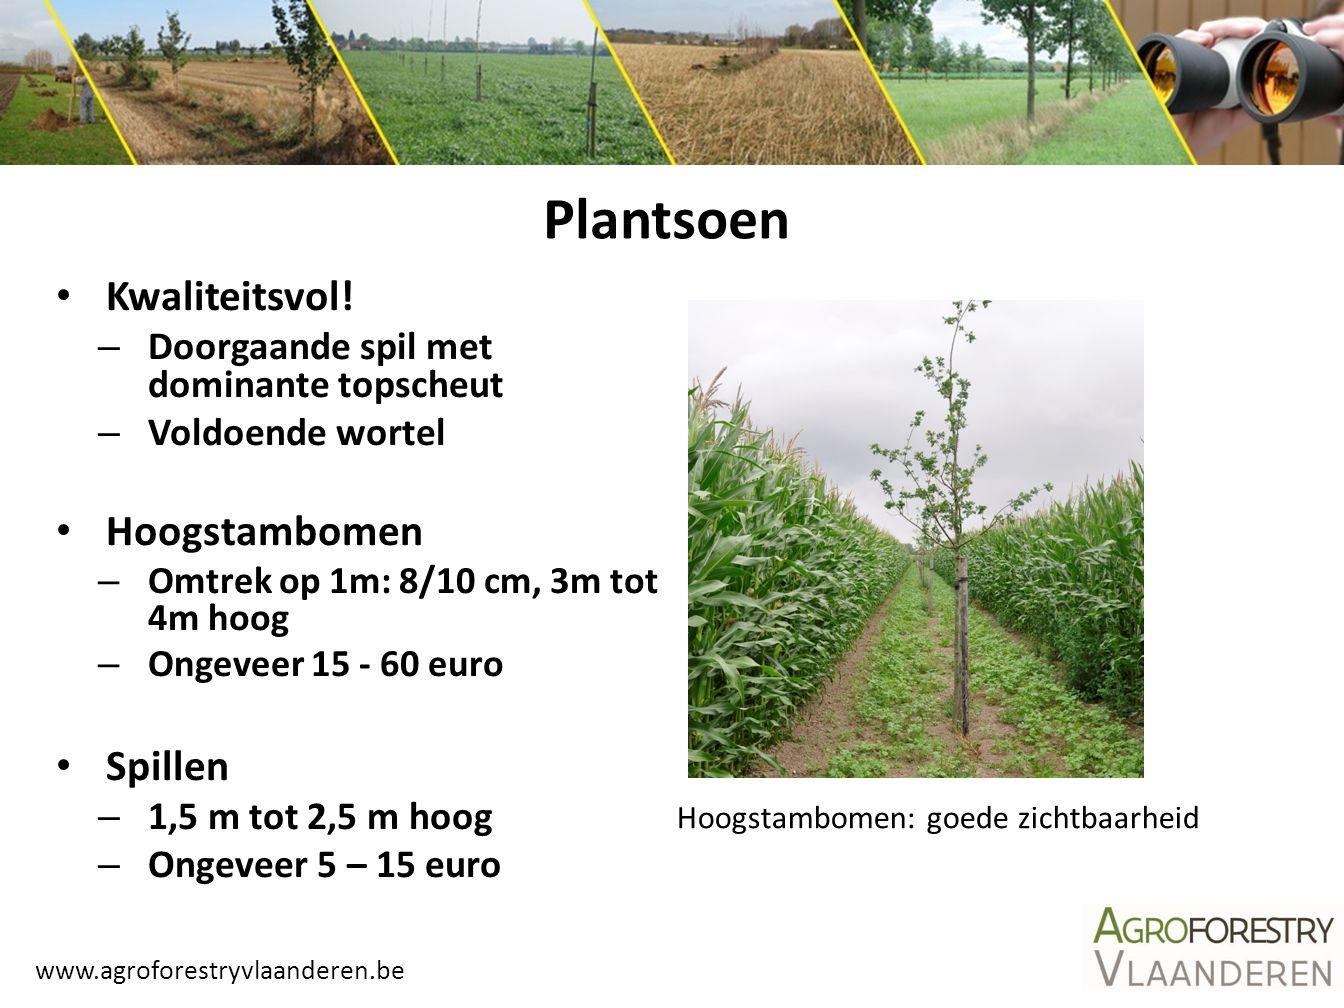 www.agroforestryvlaanderen.be Plantsoen Bosplantsoen – 0,2 – 1,5 m hoog – Ongeveer 0,3 – 3 euro Poten (onbeworteld) – Populieren en wilgen – 1,5 m tot 4 m hoog – Ongeveer 5 – 15 euro Allen hebben voordelen en nadelen: afweging Gewoon bosplantsoen met tubex-koker